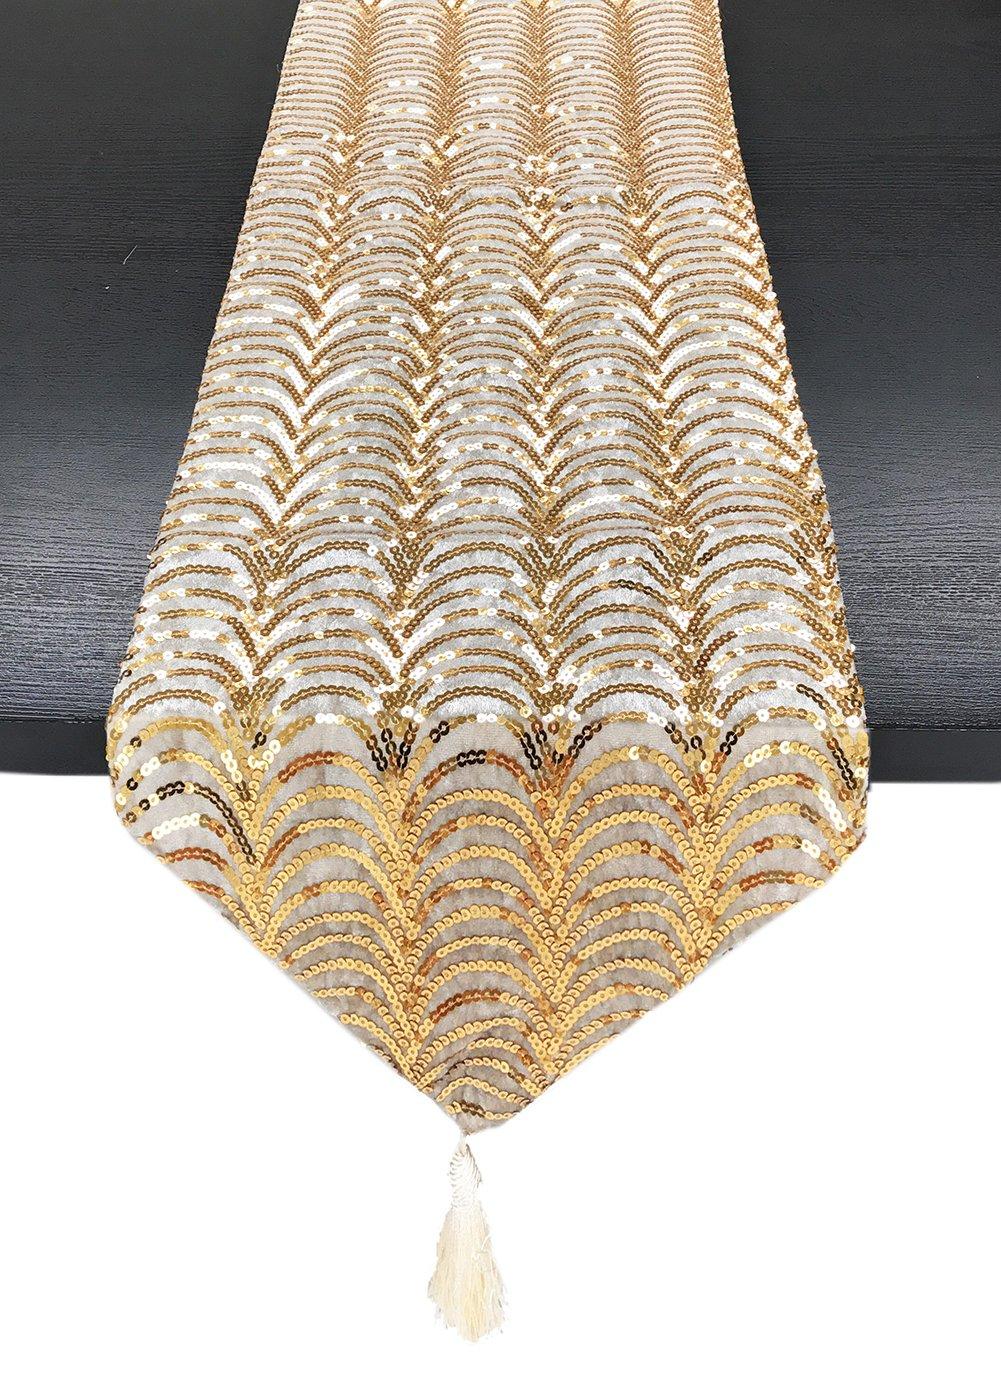 Elegant hand sewn champagne gold sequin and velvet table runner - ChristmasTablescapeDecor.com